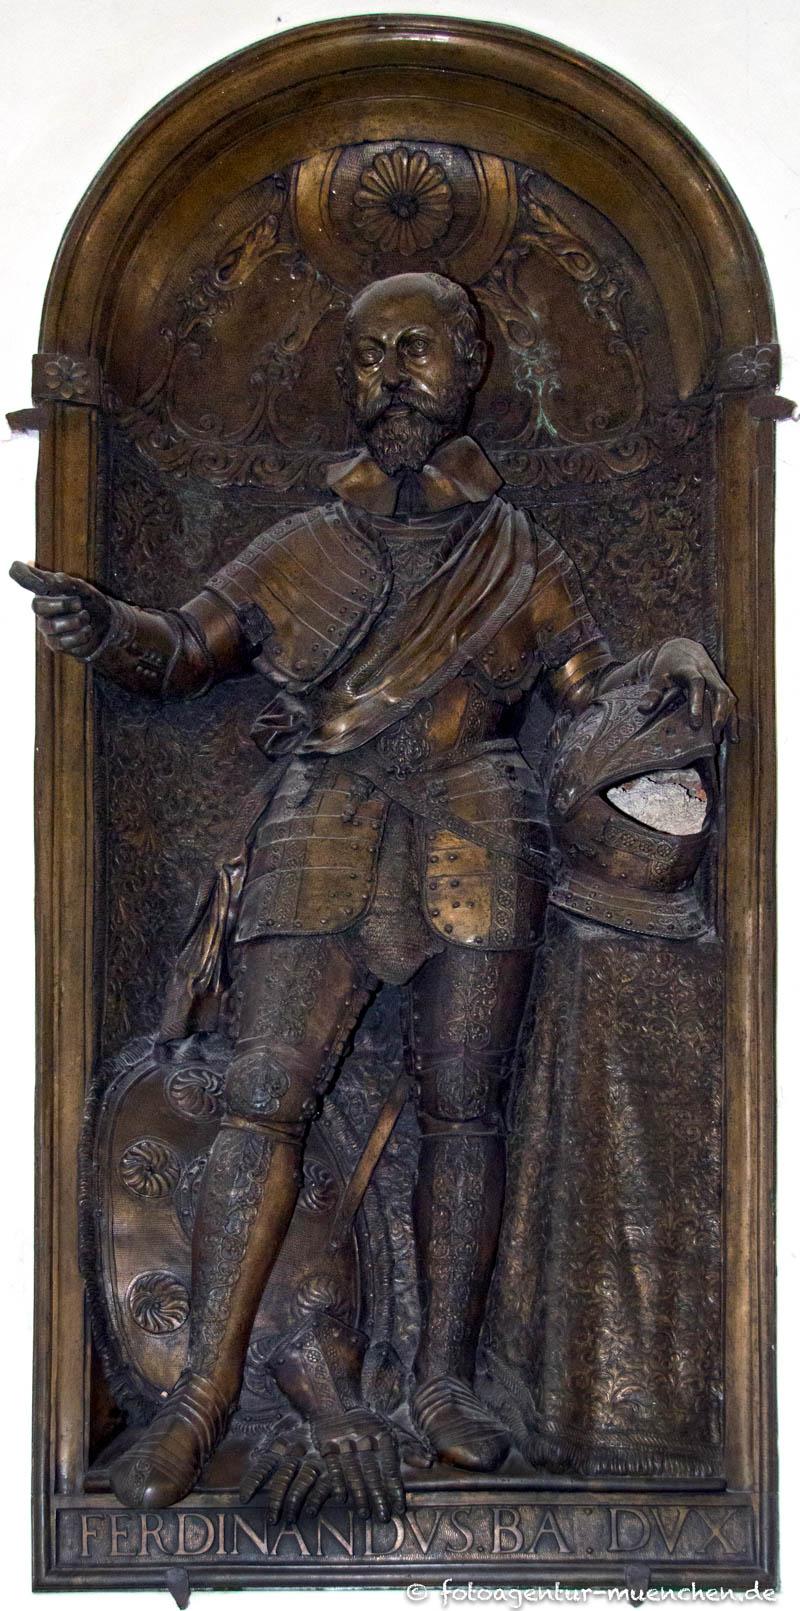 Grabplatte für Ferdinand von Bayern - Krumpper Hans